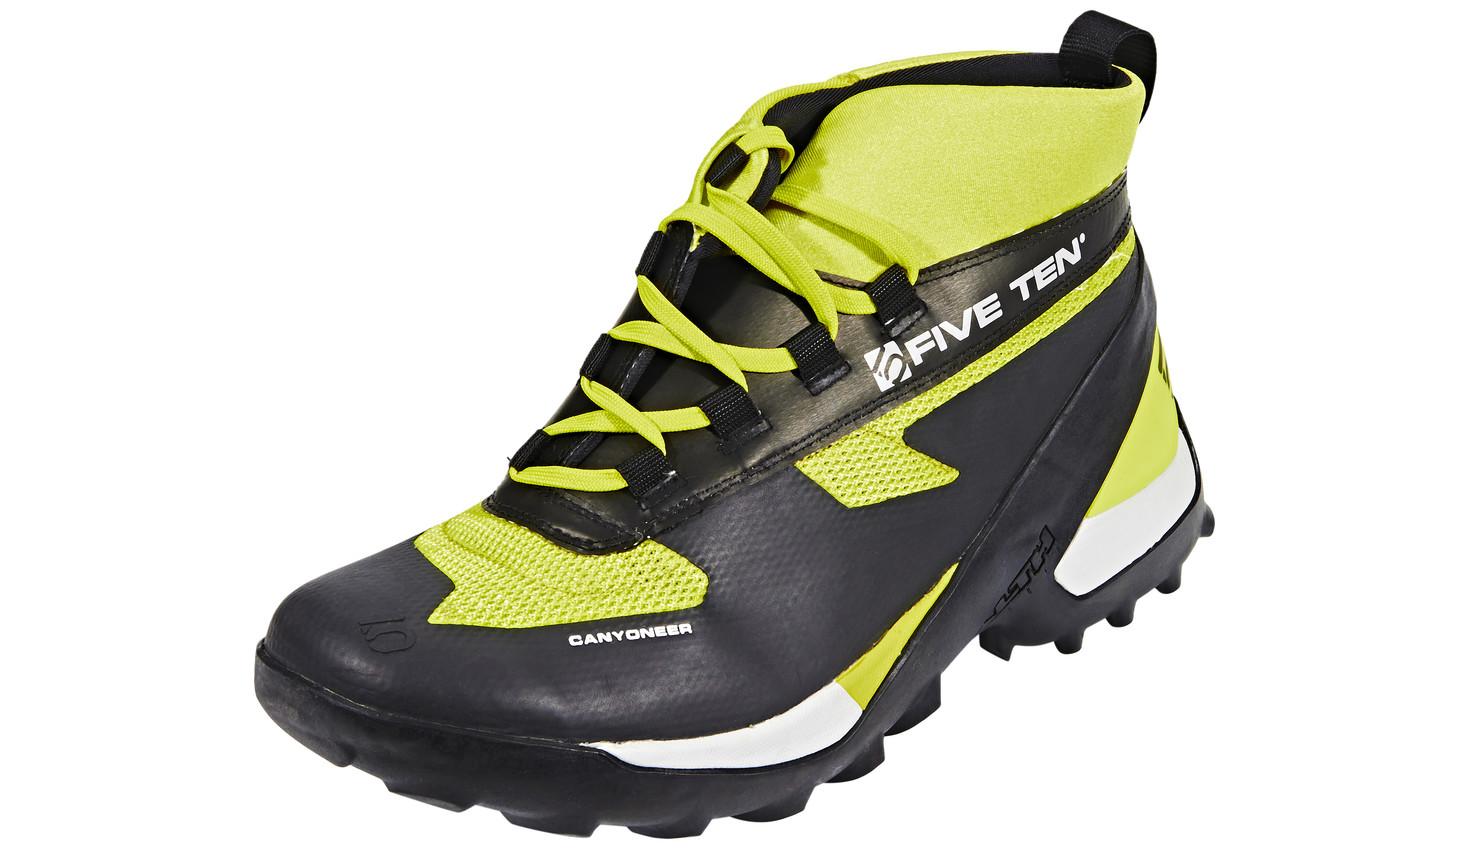 Canyoneering Schuhe und dazu noch Neopren-Socken ist die Luxus-Variante. Damit hast du einen hervorragenden Halt und warme Füsse. Grosser Nachteil ist das zusätzliche Gewicht von ca. einem Kilogramm.